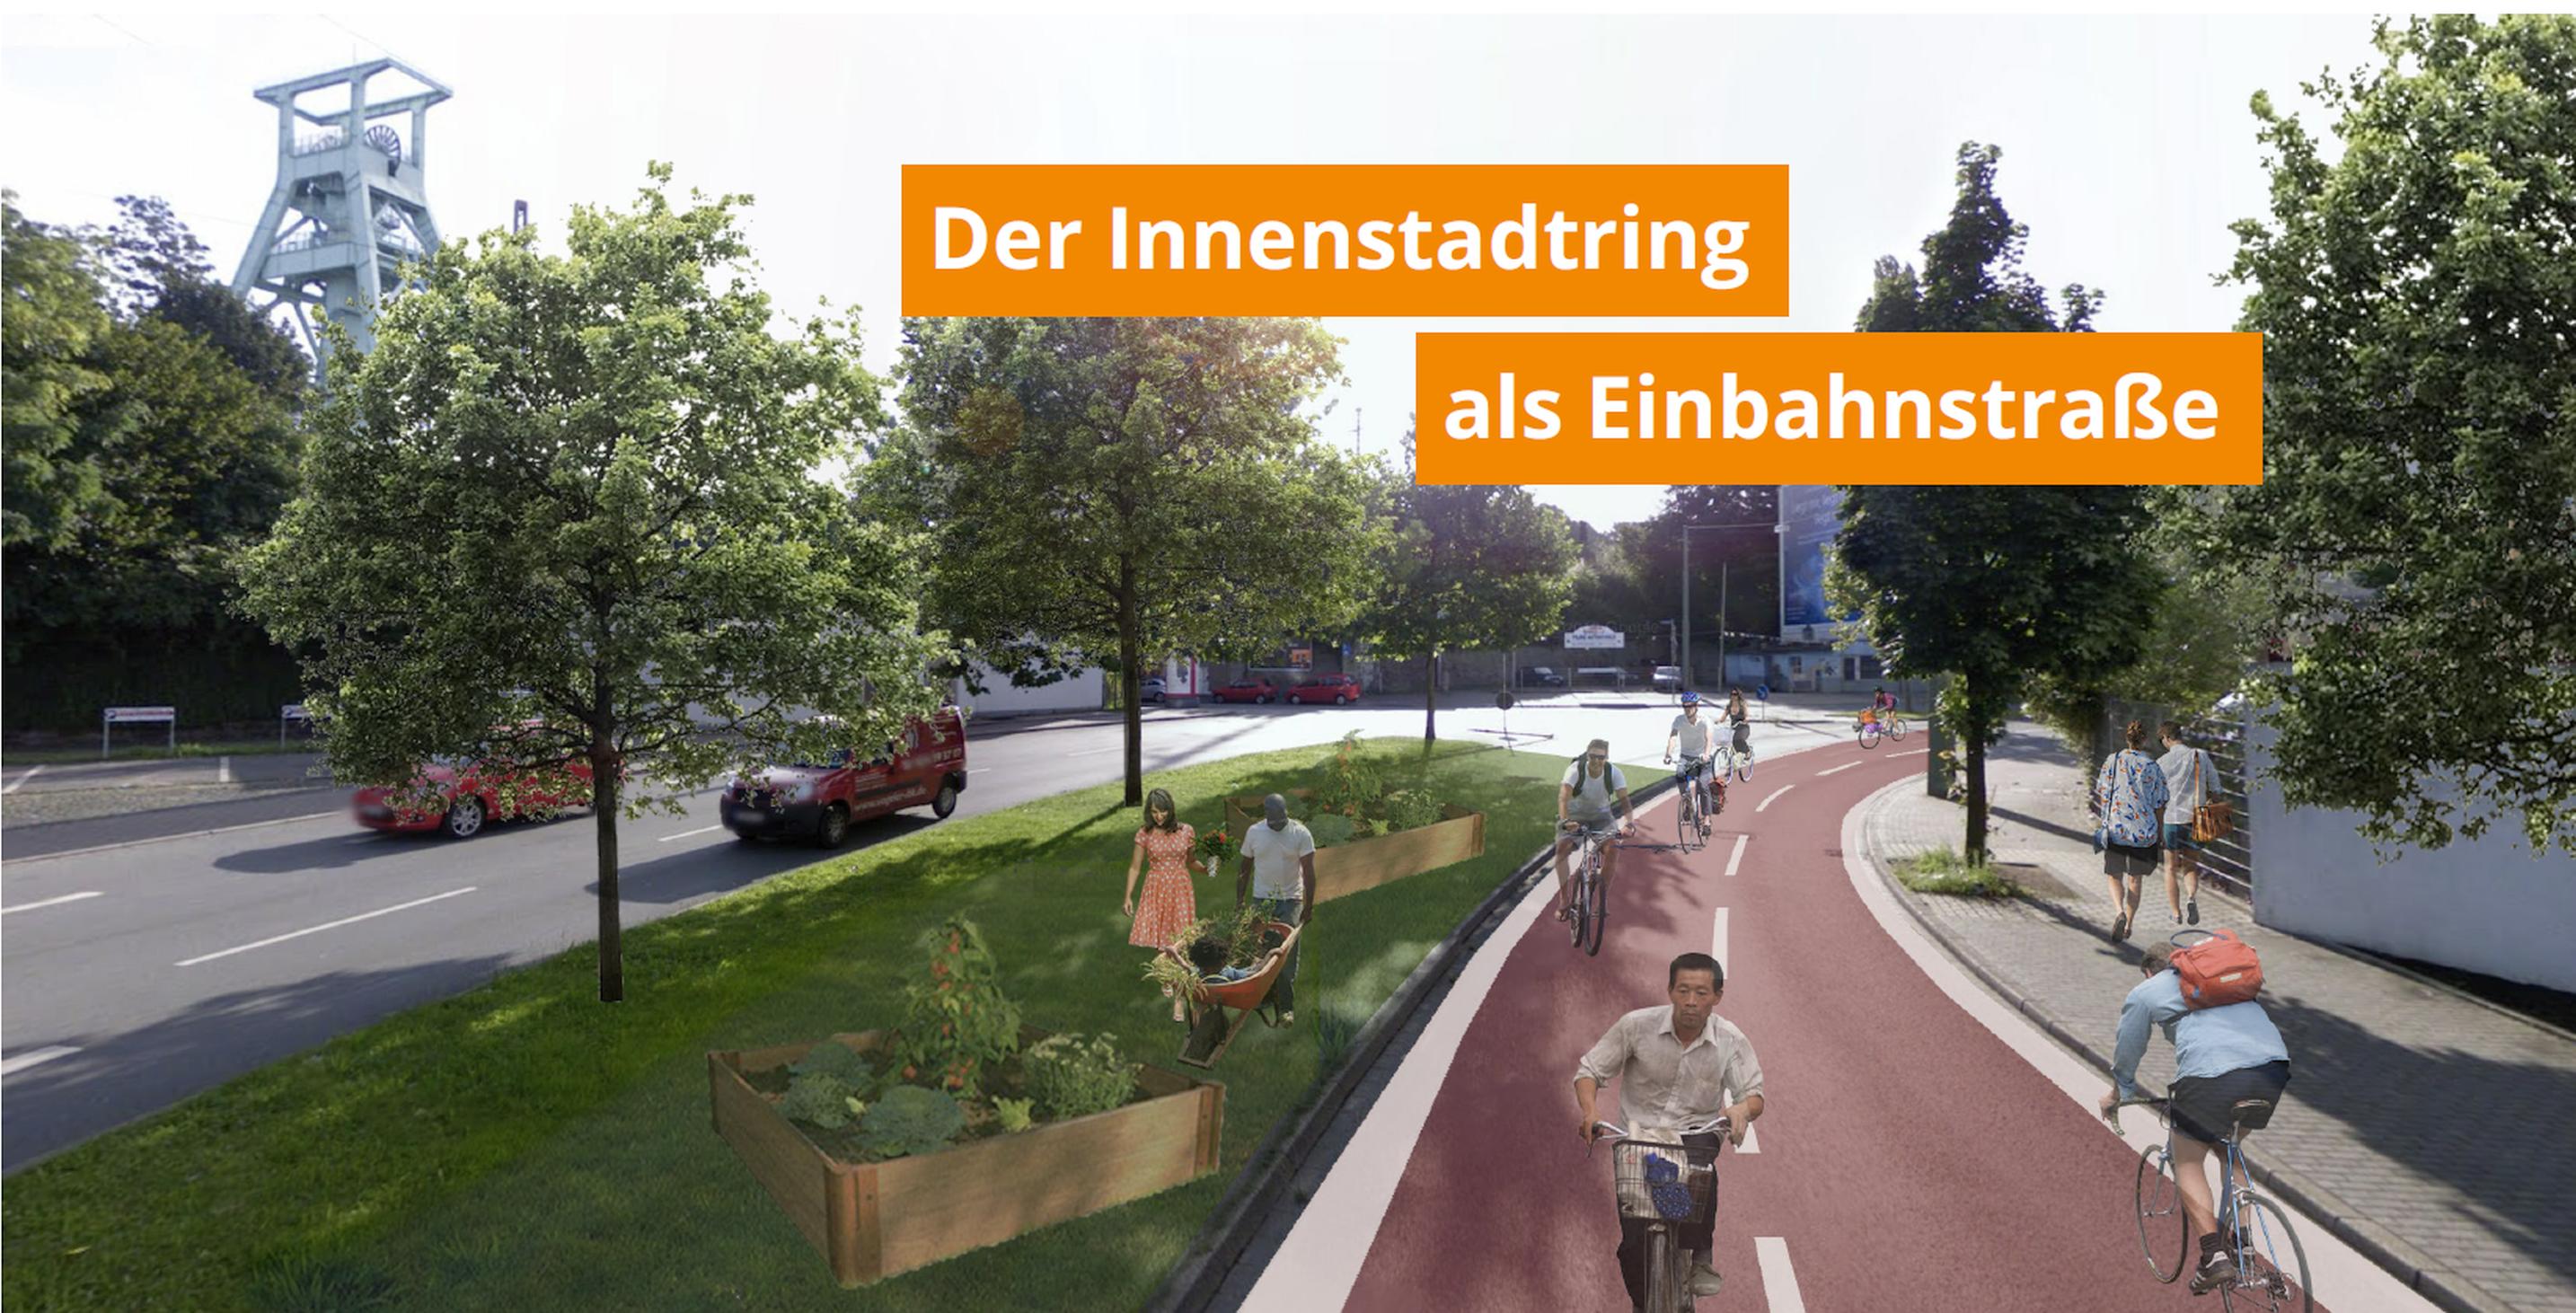 Der Bochumer Innenstadtring als Einbahnstraße - Detaillierter Vorschlag